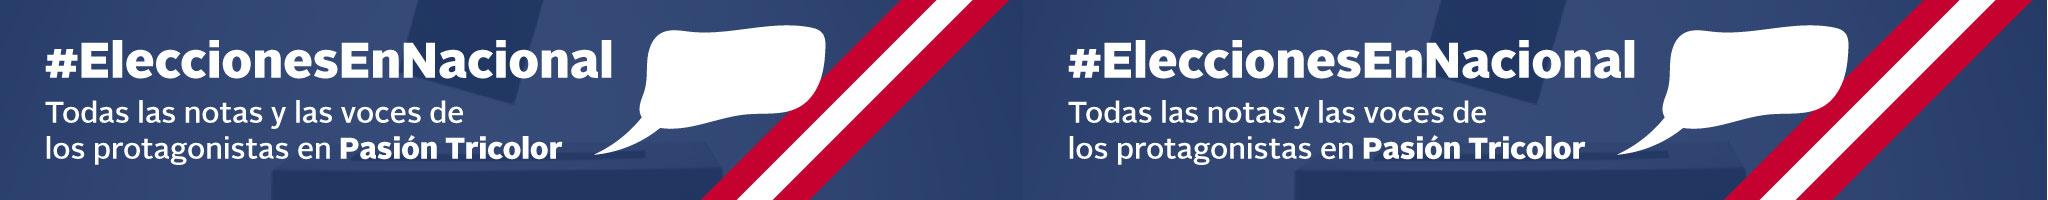 #EleccionesEnNacional